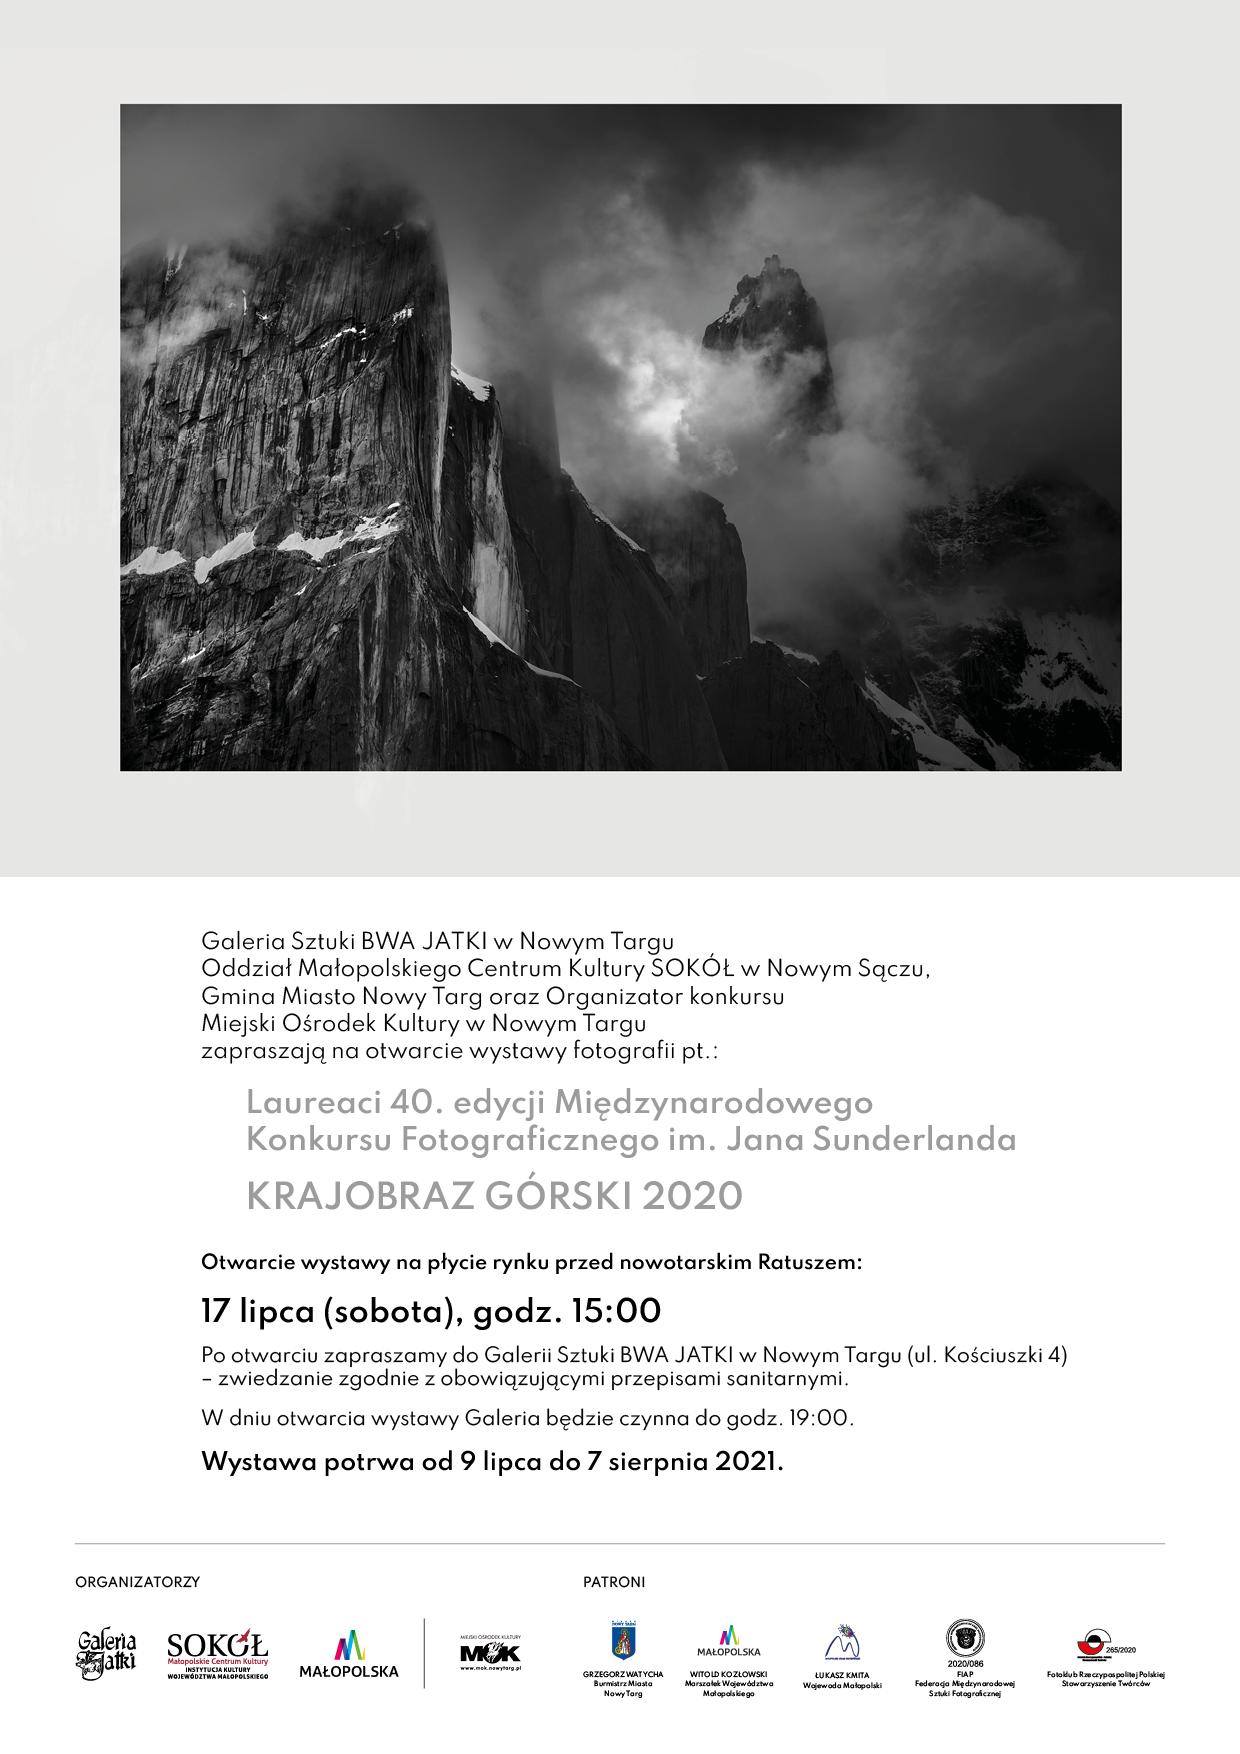 Laureaci 40. edycji Międzynarodowego Konkursu Fotograficznego im. Jana Sunderlanda KRAJOBRAZ GÓRSKI 2020